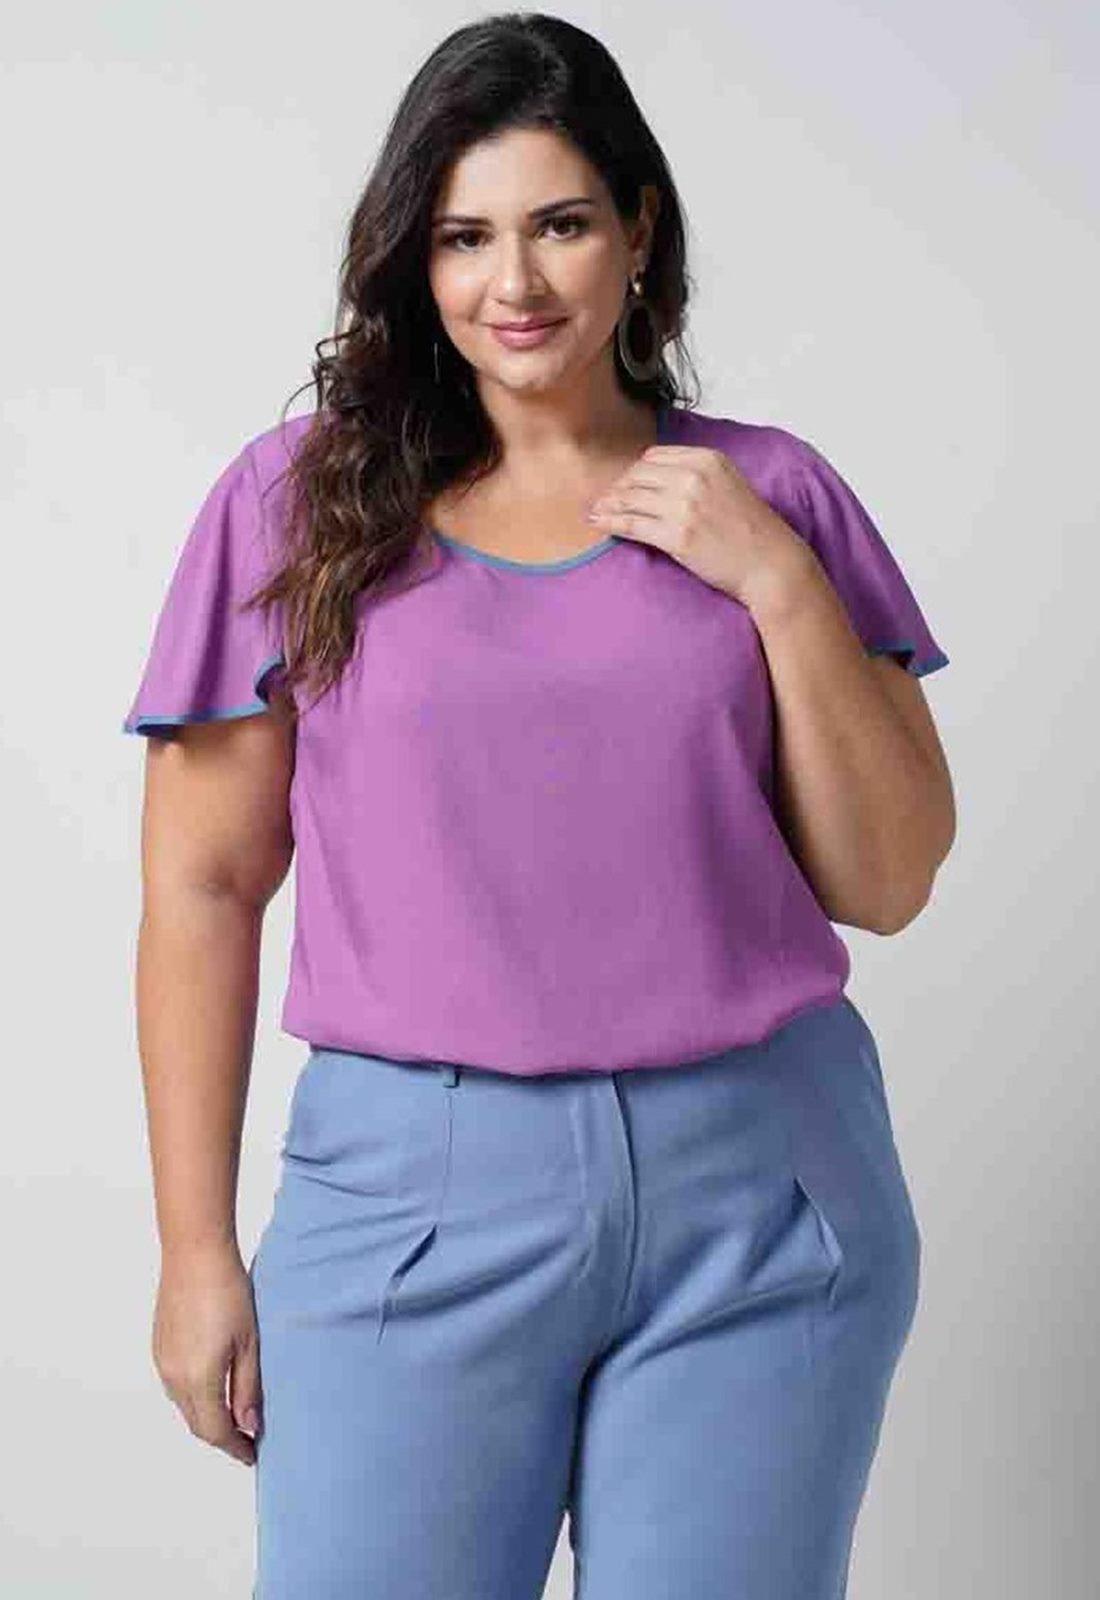 Blusa feminina uva plus size  Ref. U67021